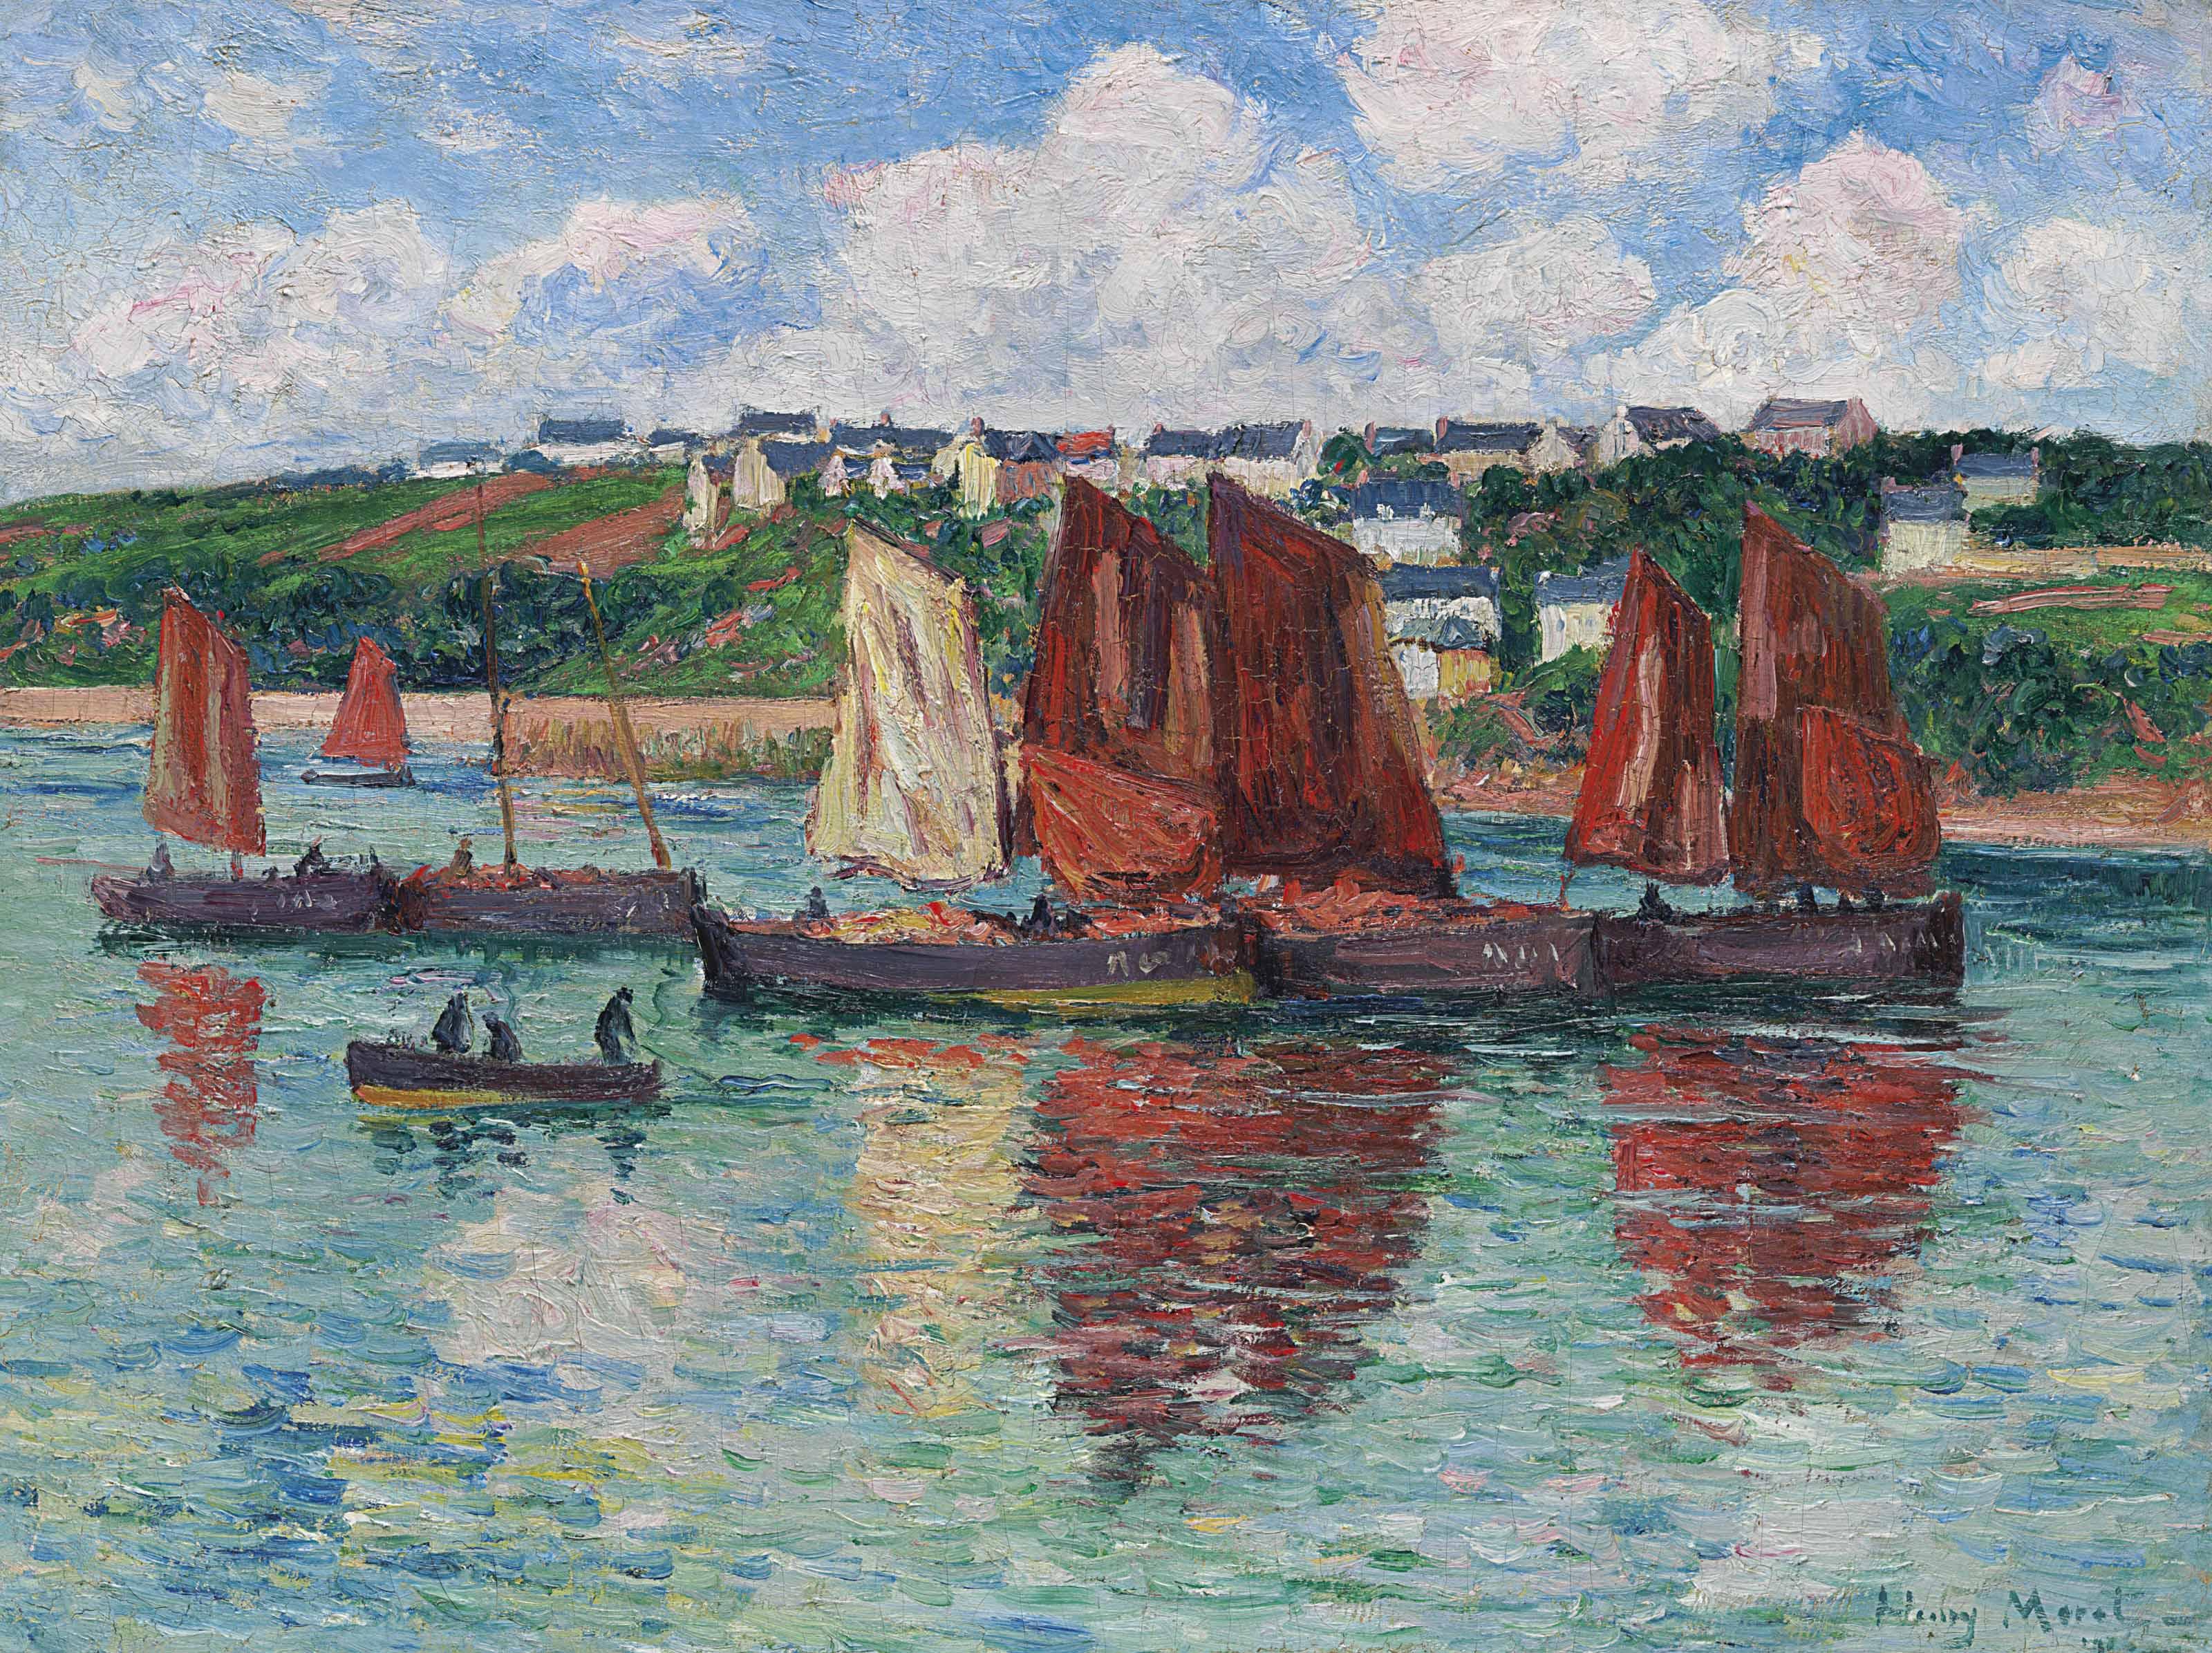 Les bateaux de pêche à Audierne